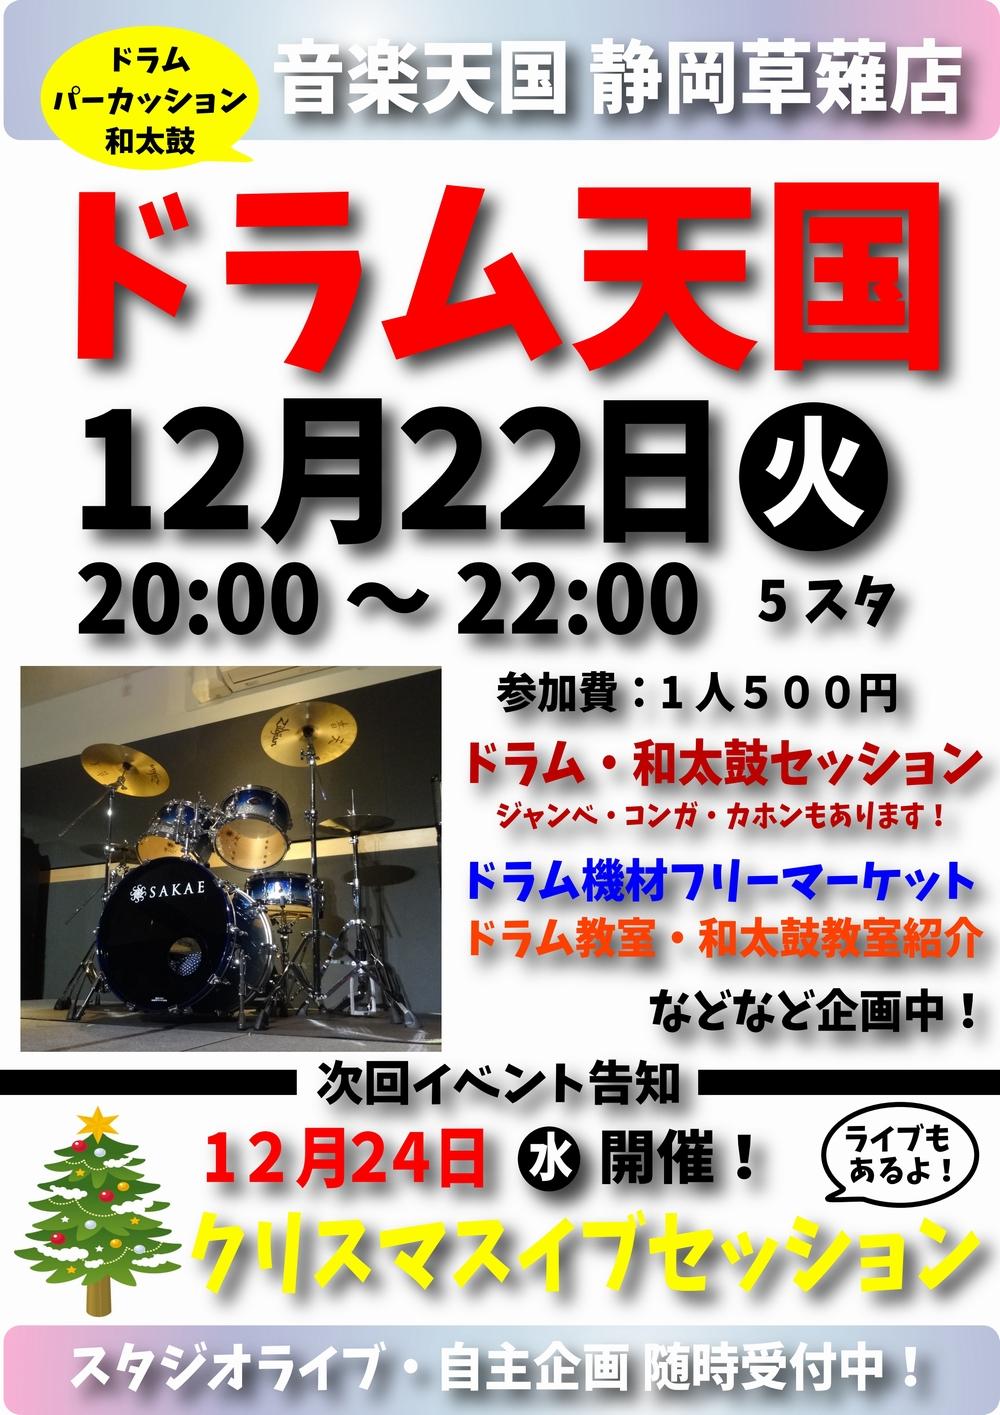 【ドラム天国】音楽天国・静岡草薙店12月22日(火)開催